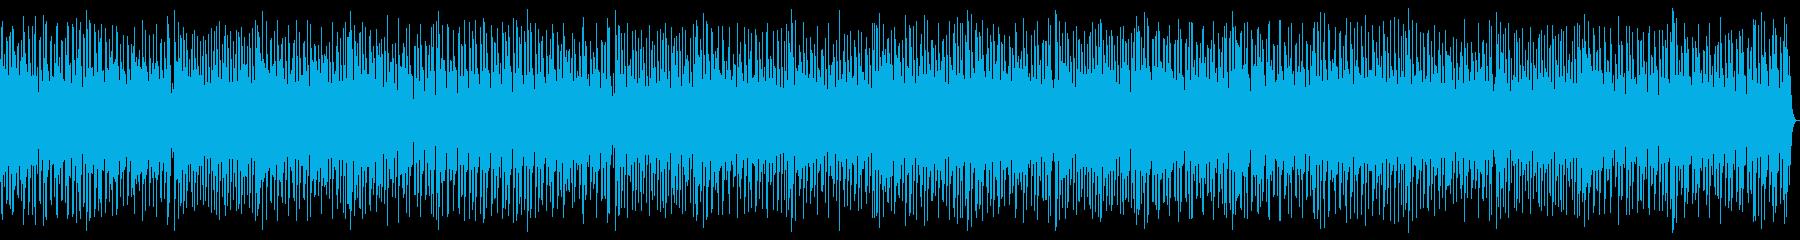 ピアノ、アコーディオン、スタンドア...の再生済みの波形